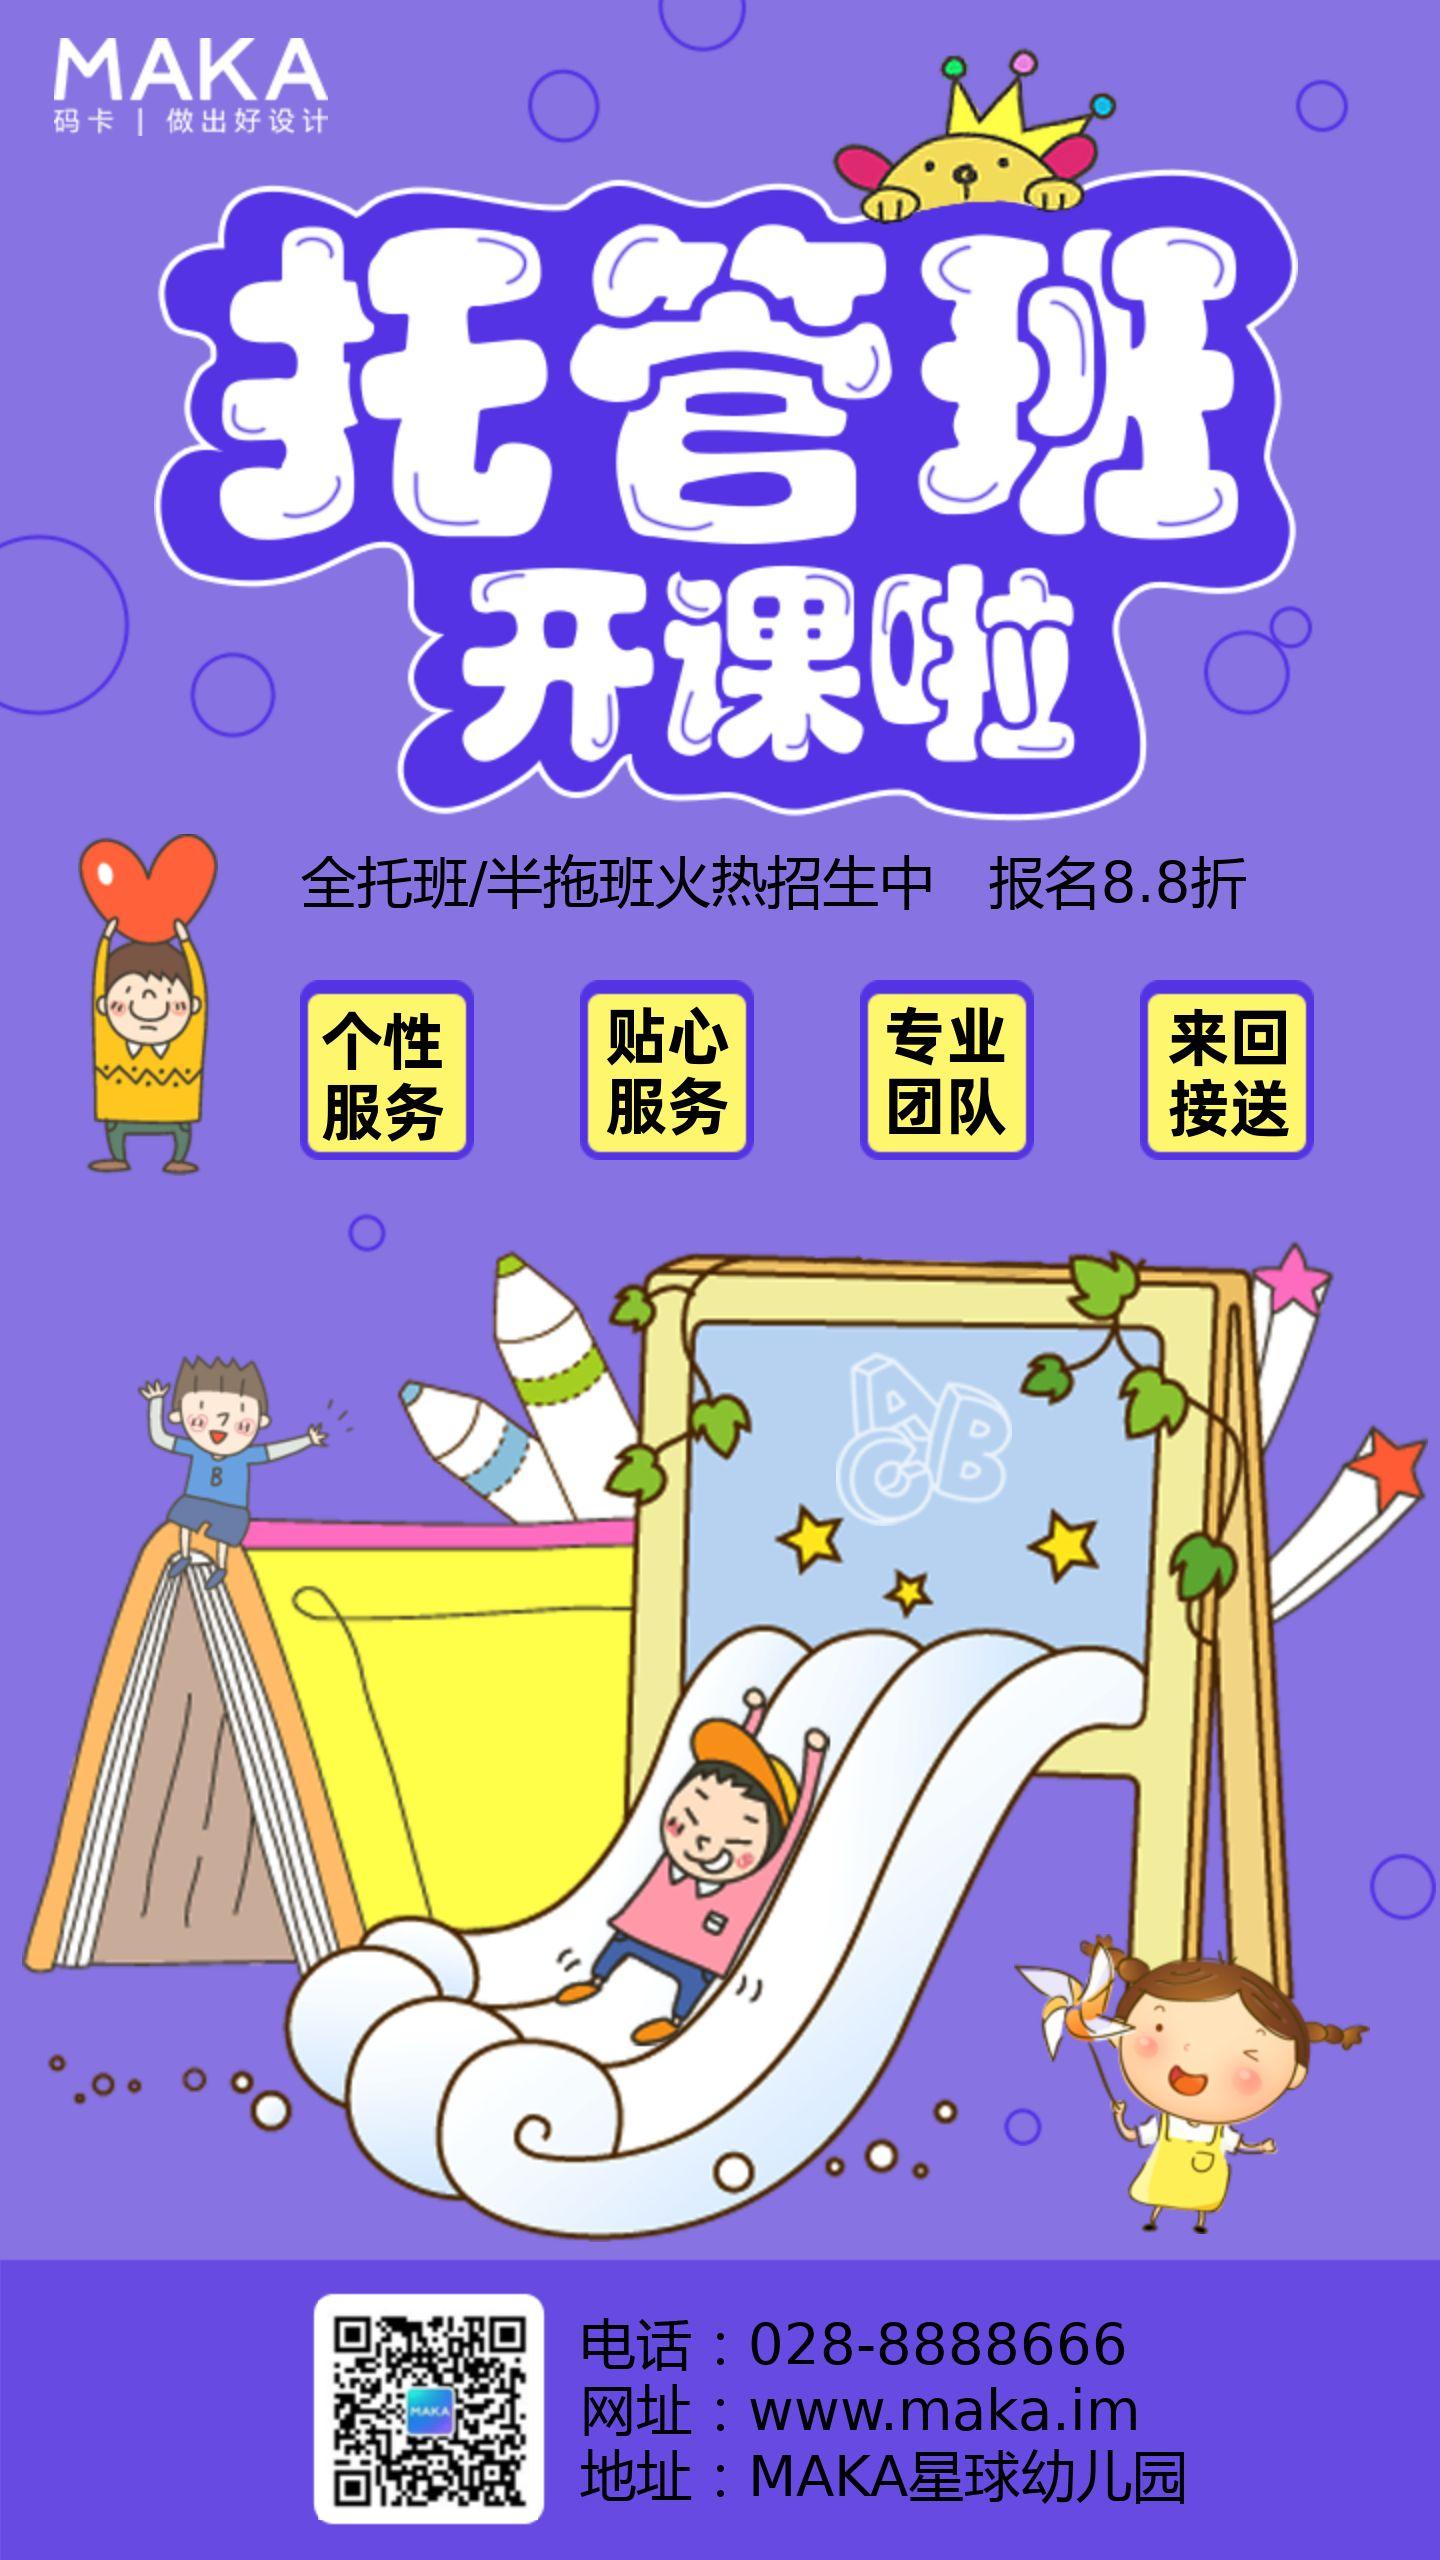 紫色卡通风格早教托管招生教育培训宣传海报